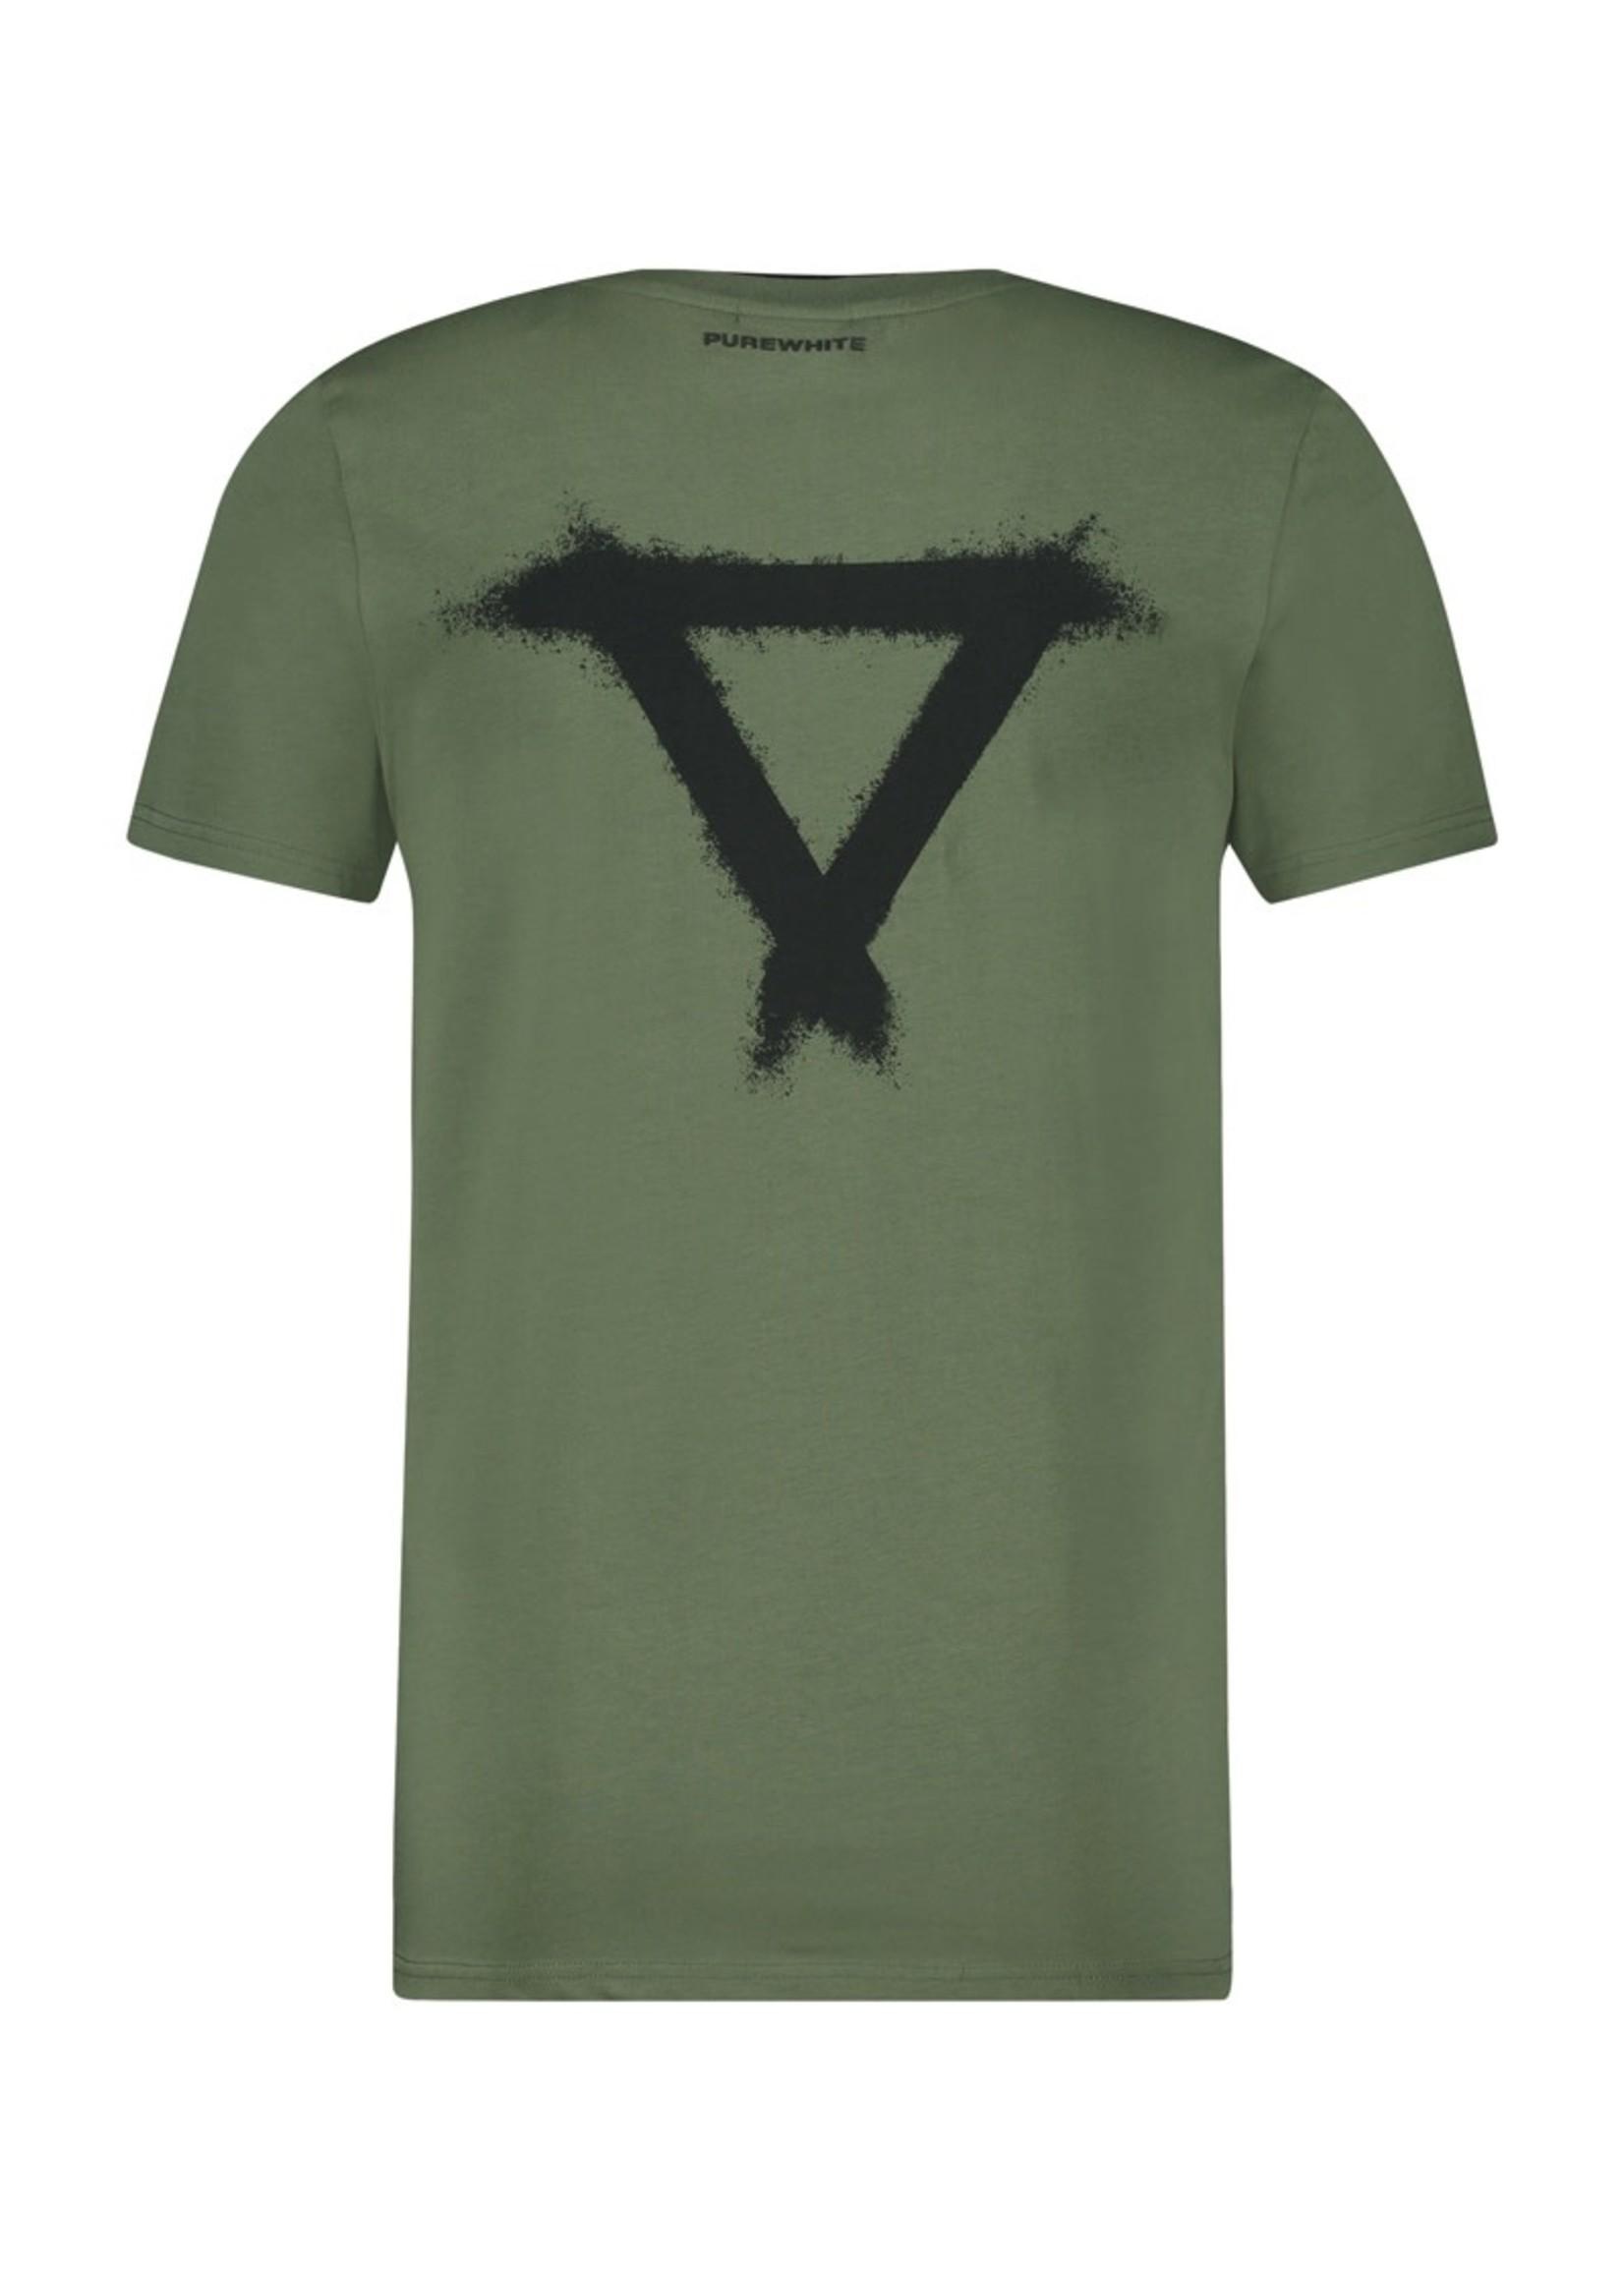 Purewhite Purewhite Double Collar - Army Green